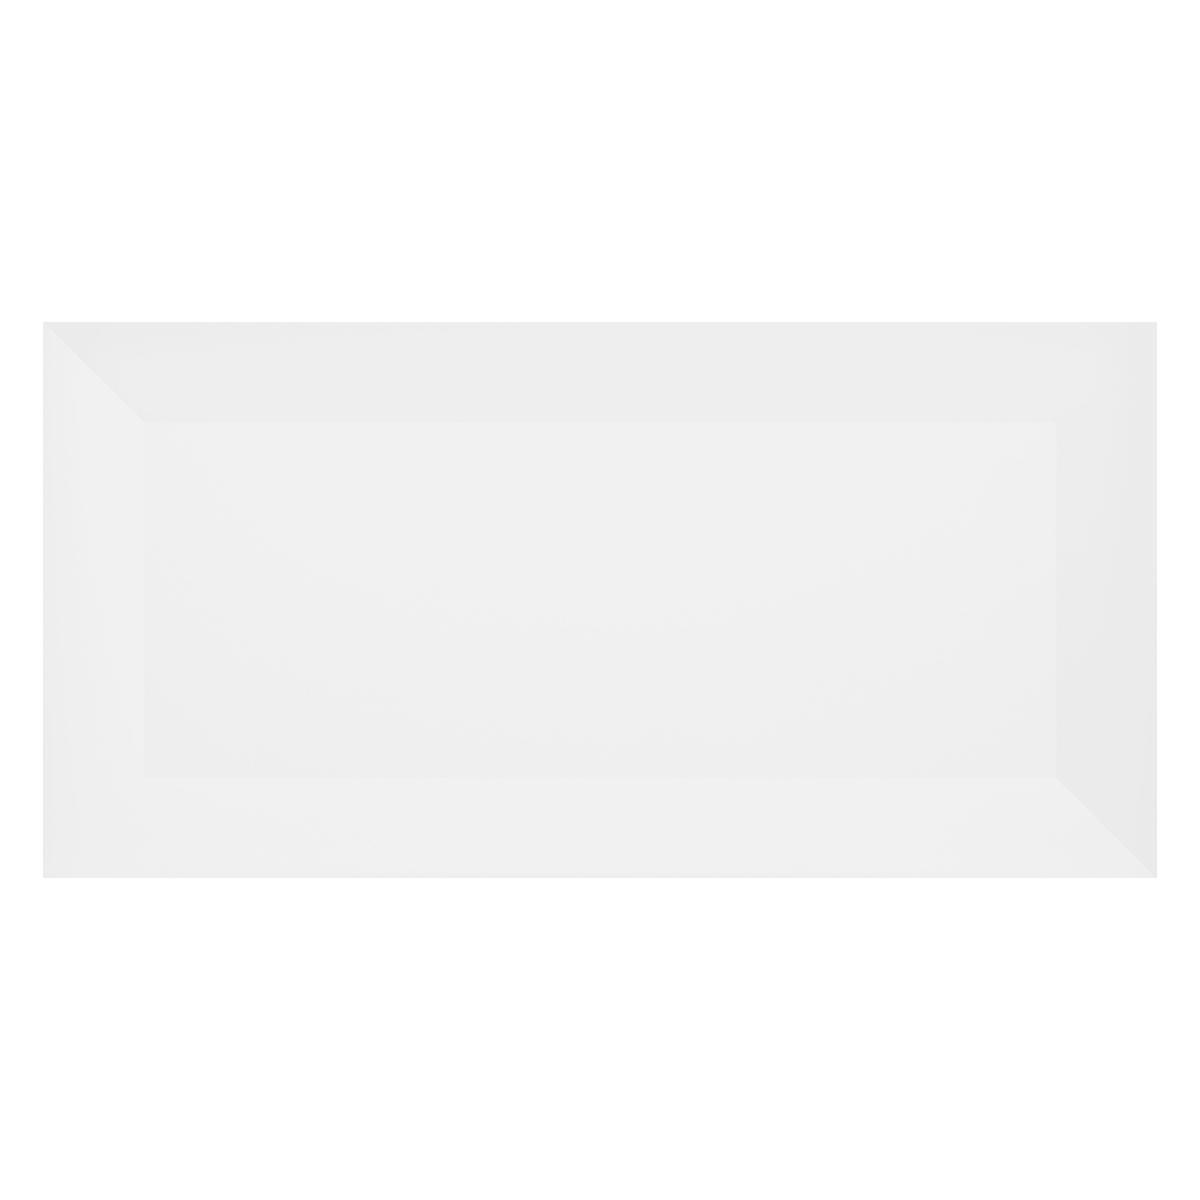 Mayólica Metro Blanco Brillante - 10 X20 cm - 1.00 m2